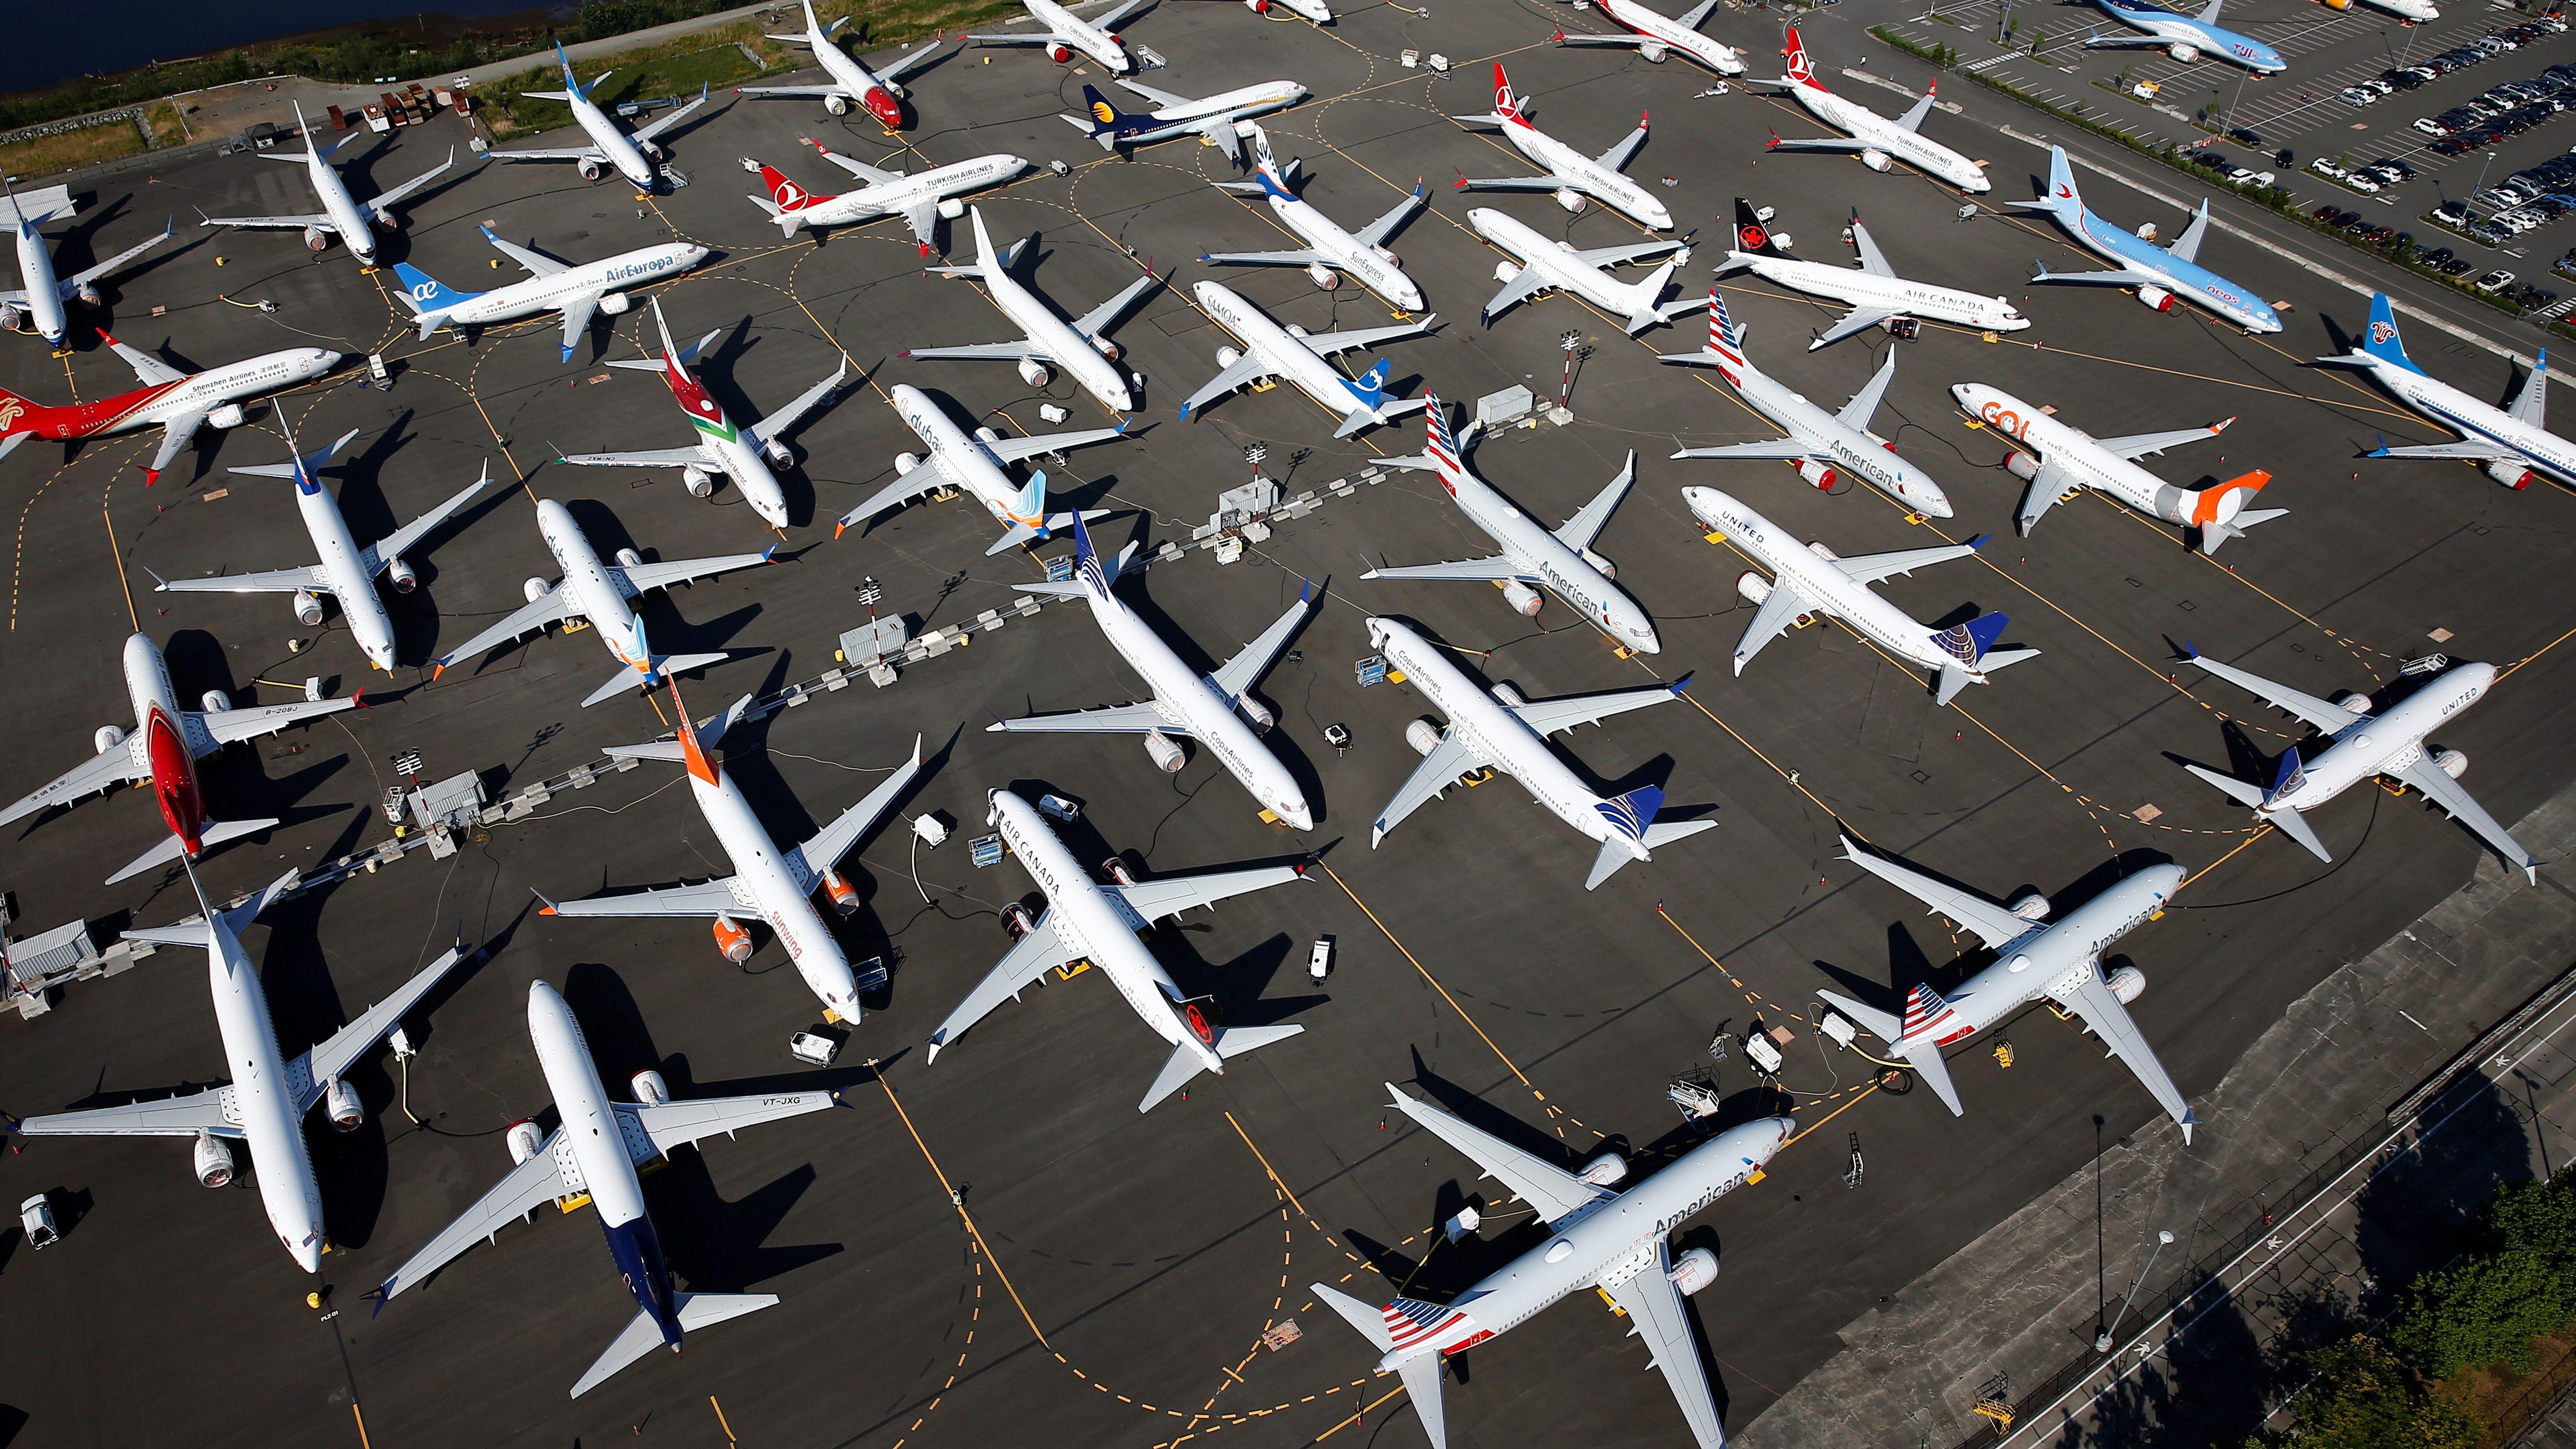 Come la fusione tra McDonnell Douglas e Boeing ha portato alla crisi del 737 Max thumbnail